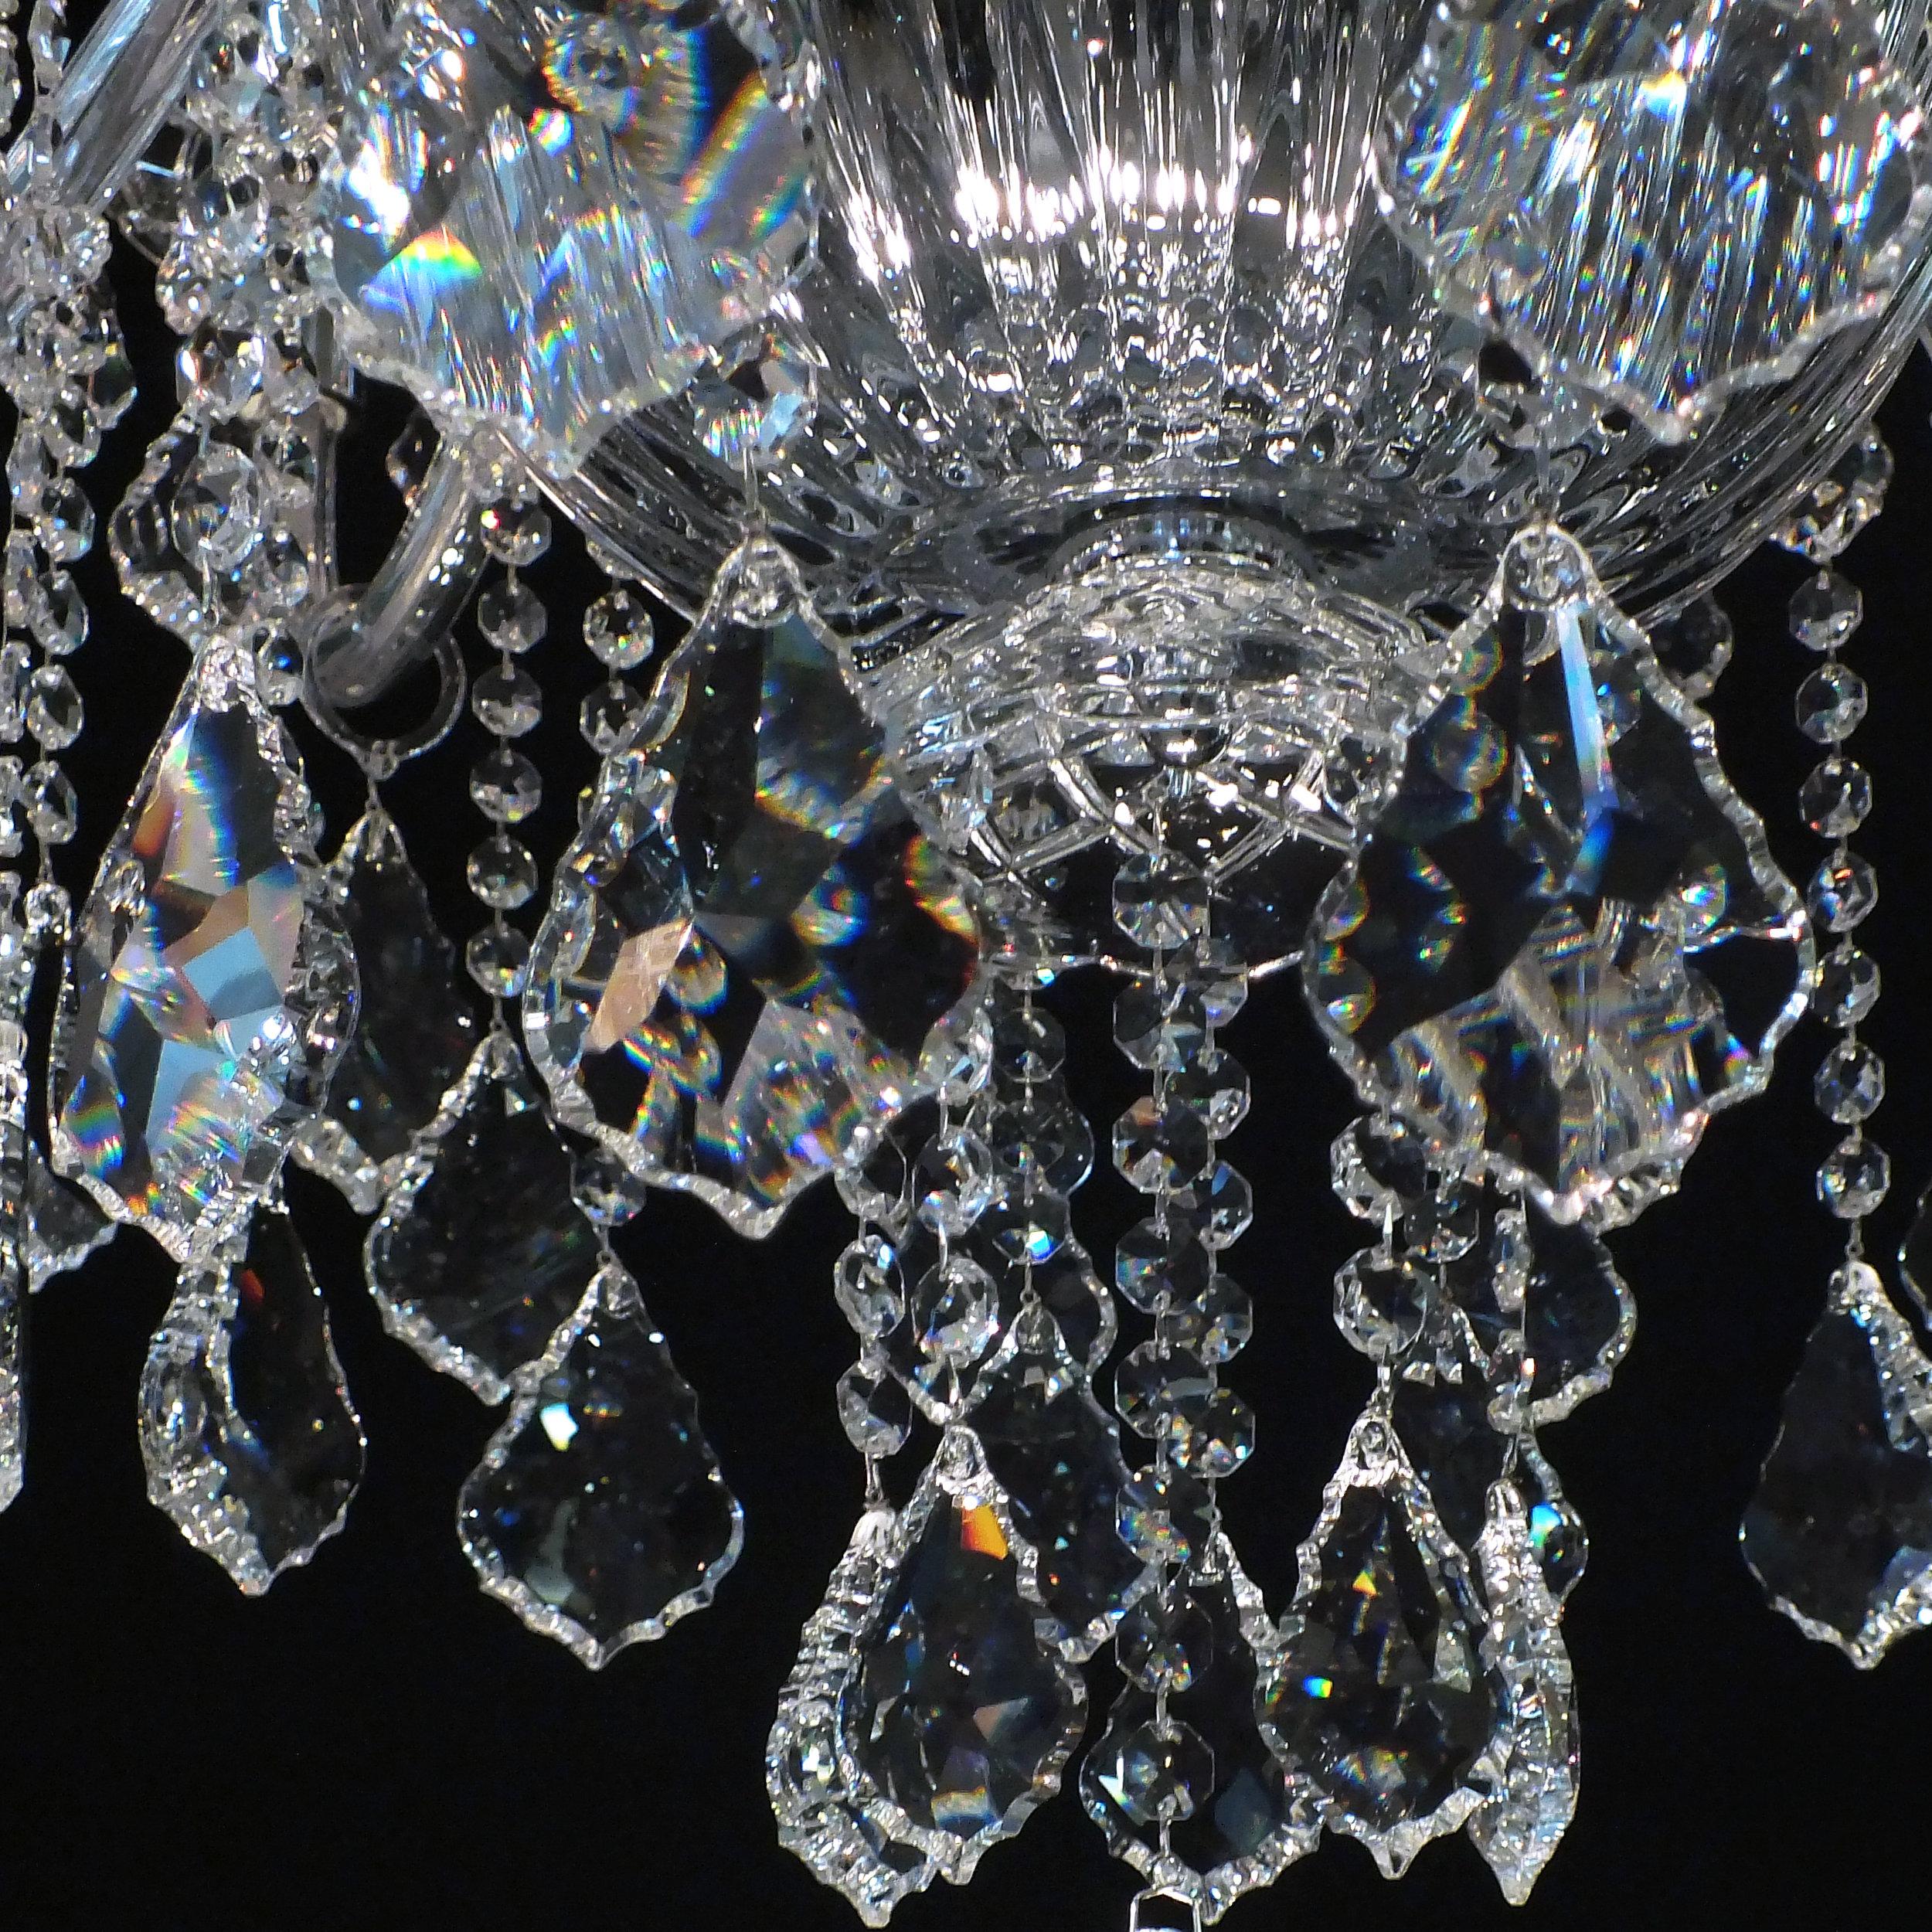 Foto de detalhe do tipo de cristal utilizado no lustre Córdoba 14 braços, as placas barrocas.